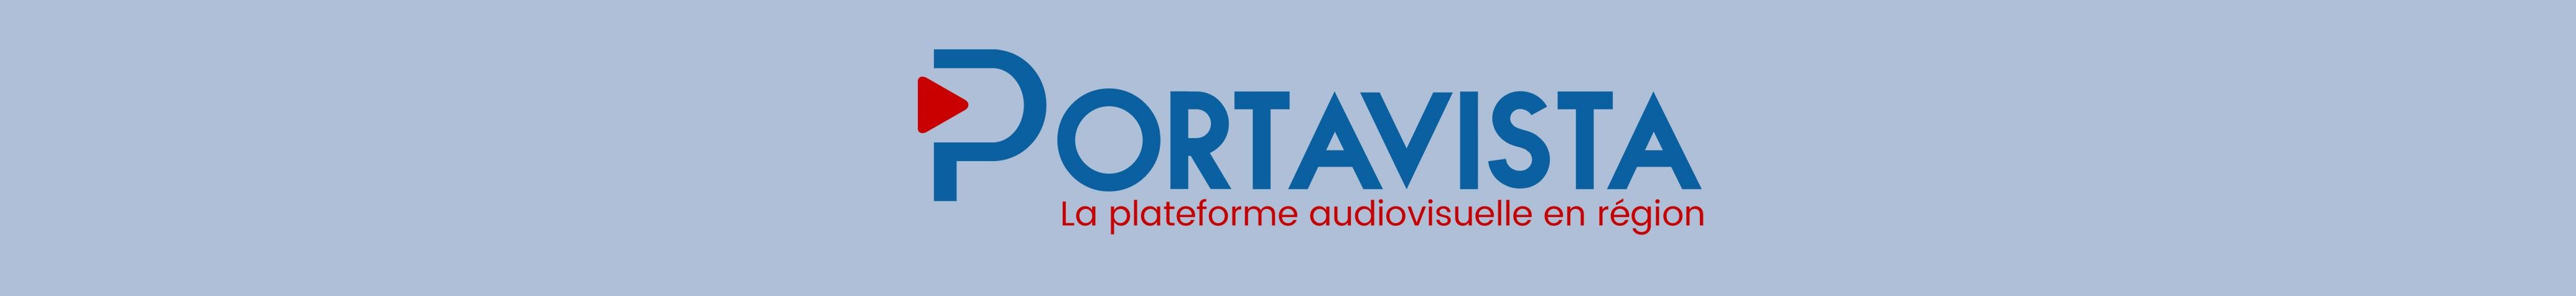 Portavista